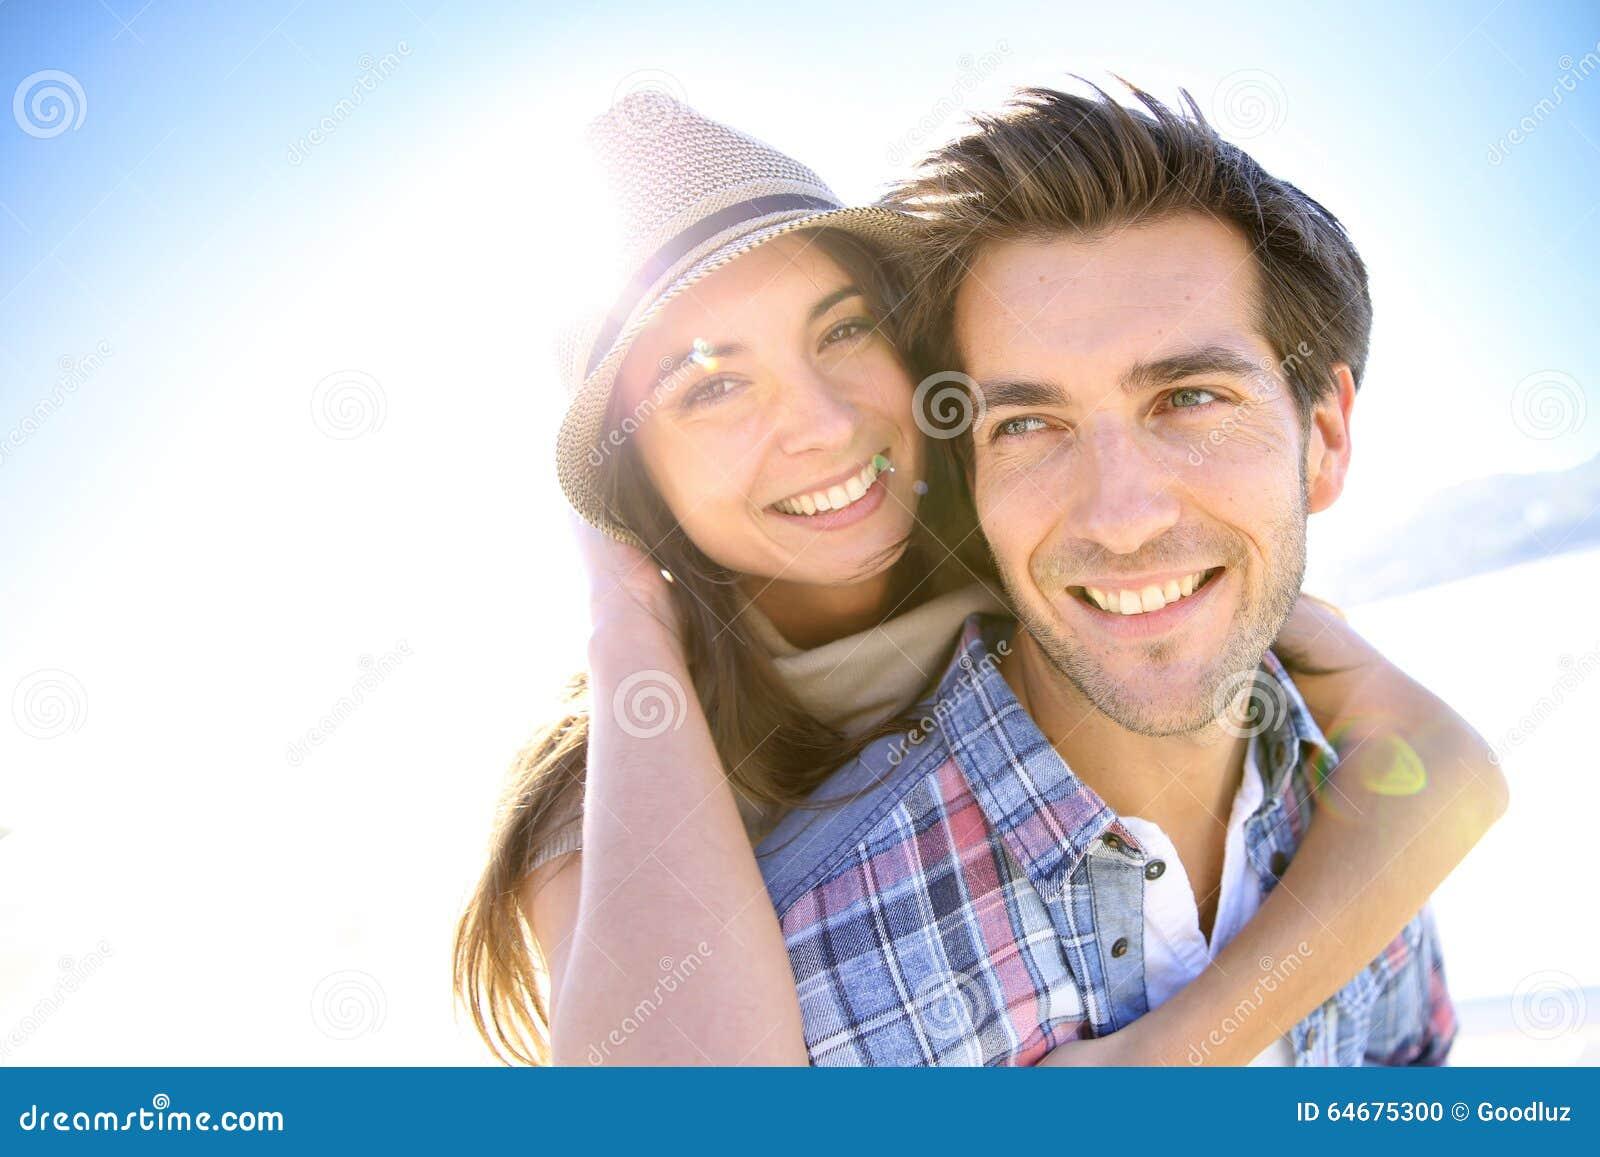 Portret van gelukkig jong paar op het strand